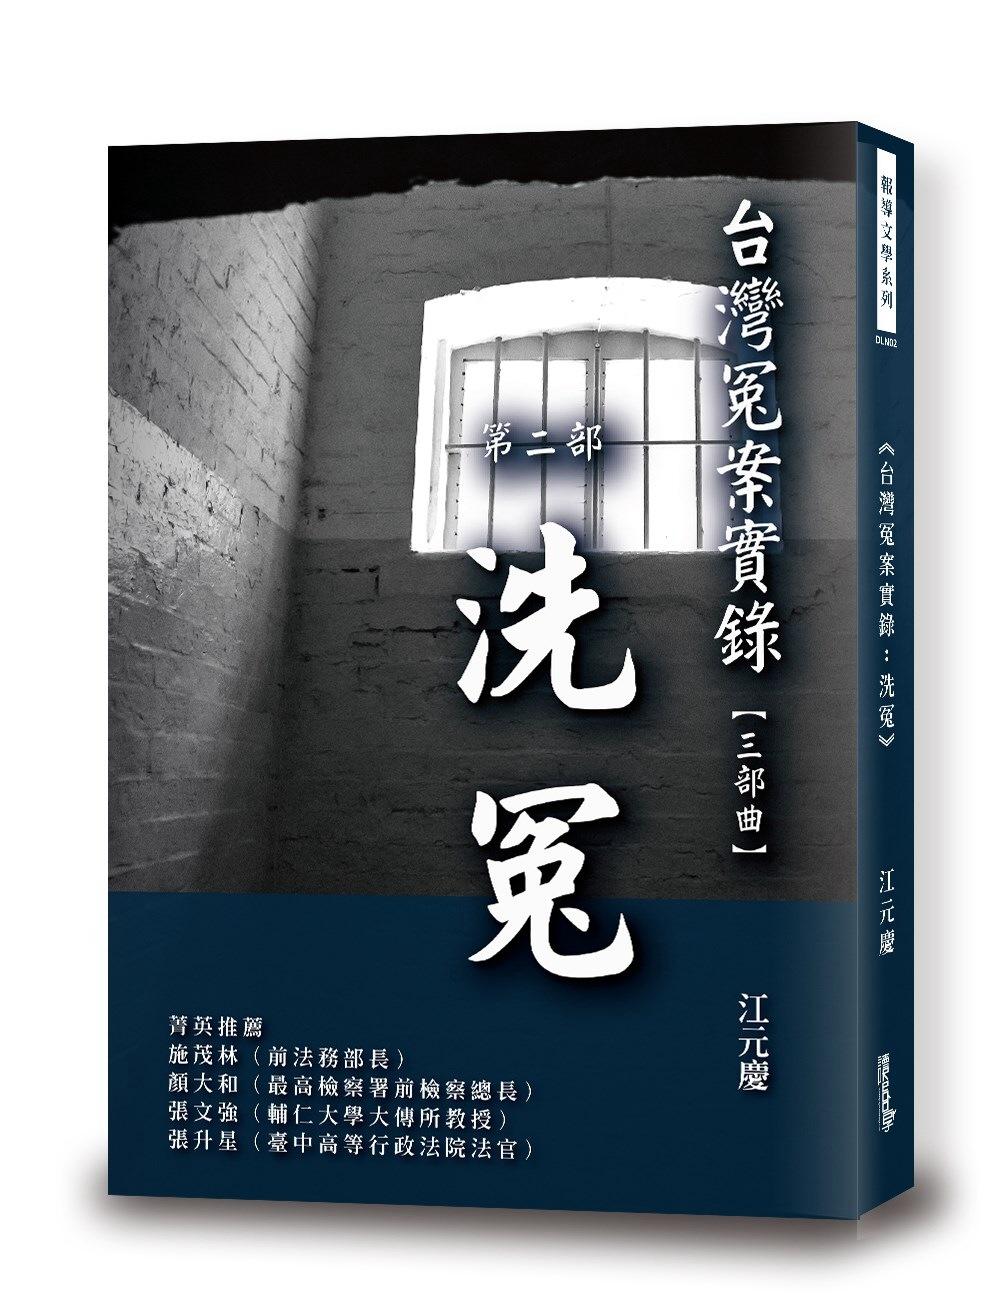 台灣冤案實錄:洗冤